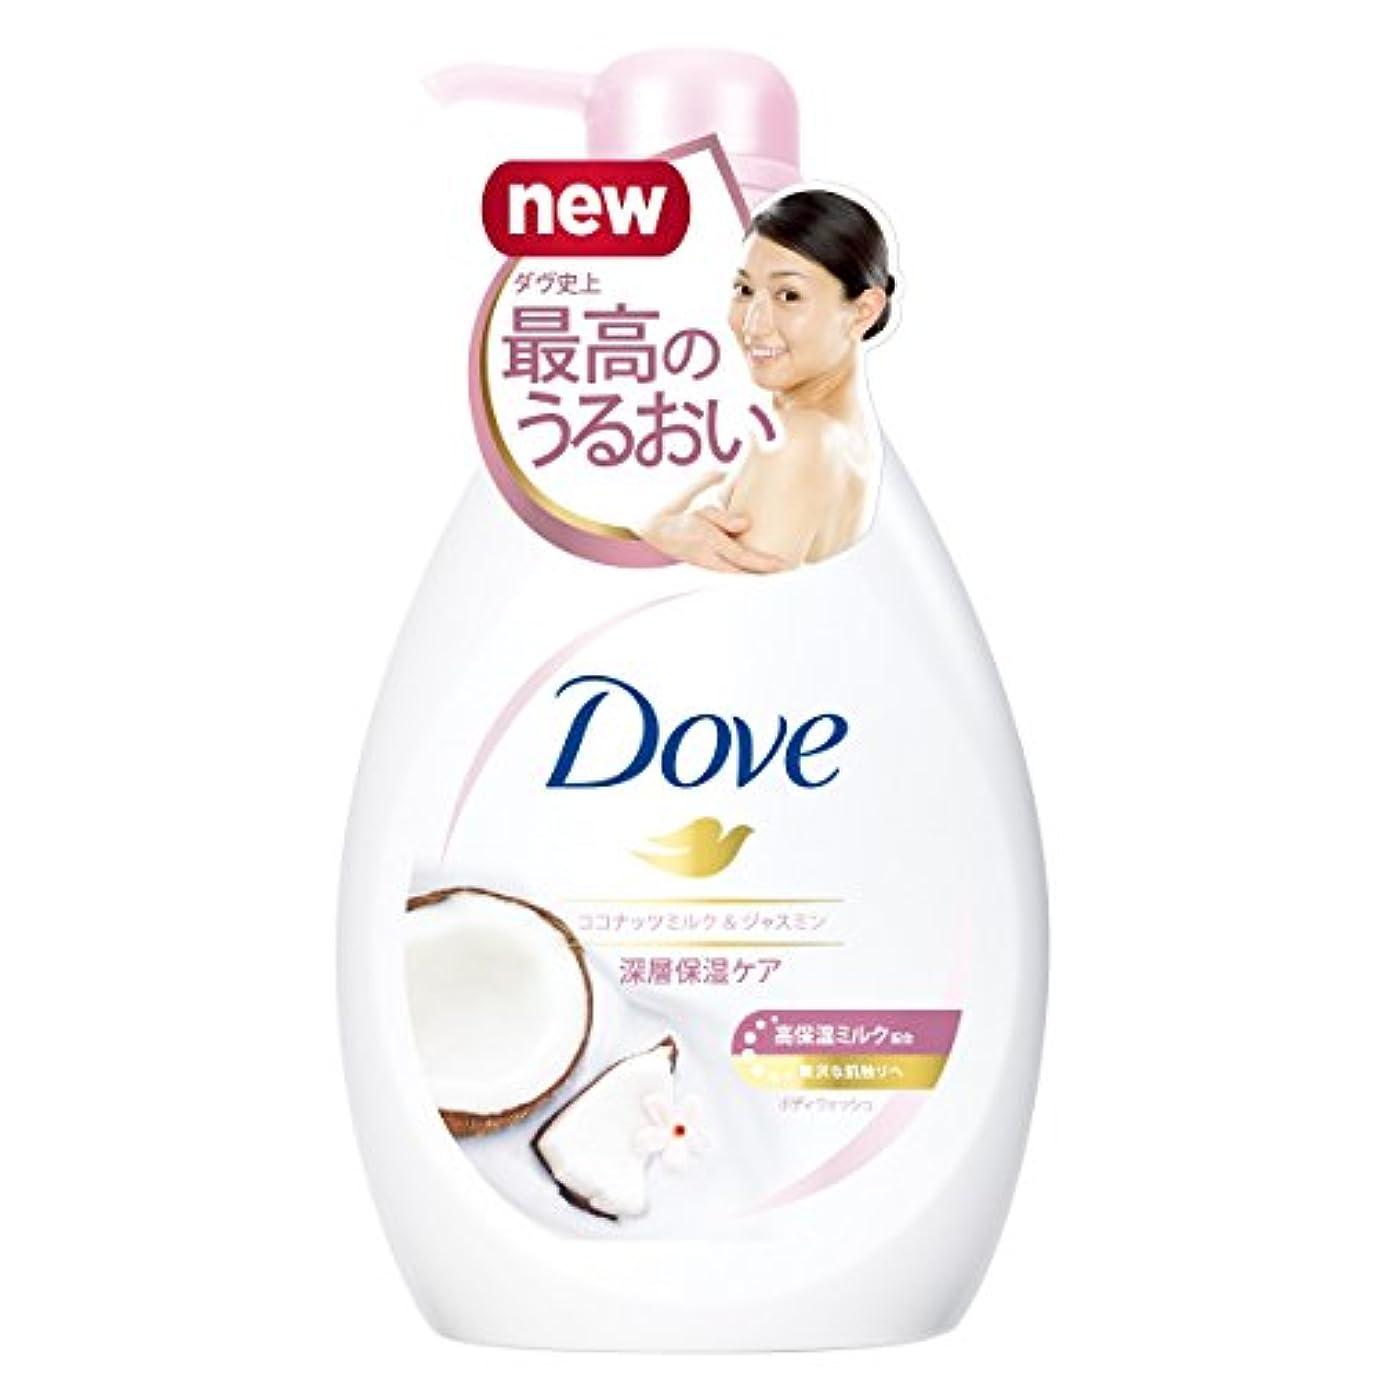 検索エンジン最適化イタリアの精査するDove ダヴ ボディウォッシュ ココナッツミルク & ジャスミン ポンプ 480g